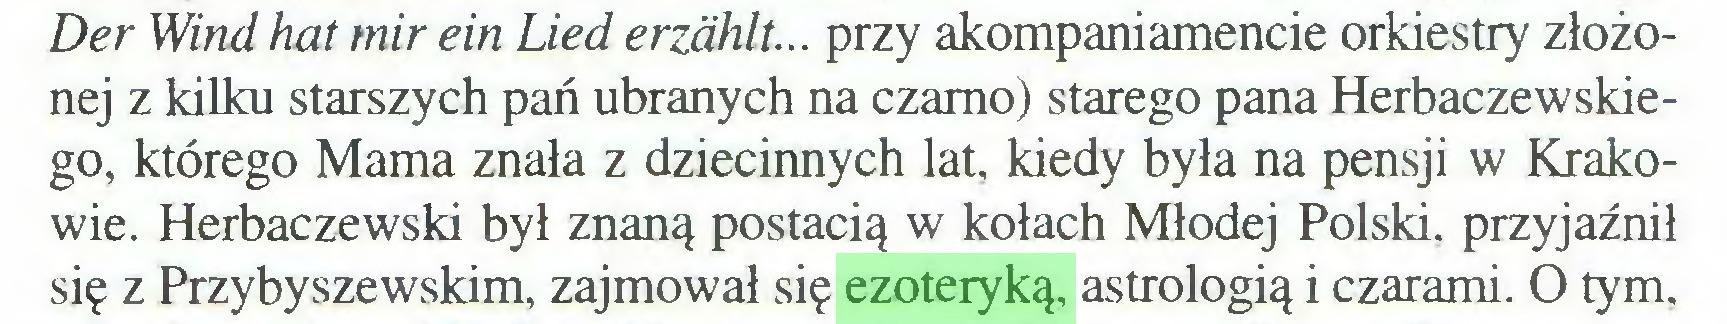 (...) Der Wind hat mir ein Lied erzählt... przy akompaniamencie orkiestry złożonej z kilku starszych pań ubranych na czarno) starego pana Herbaczewskiego, którego Mama znała z dziecinnych lat, kiedy była na pensji w Krakowie. Herbaczewski był znaną postacią w kołach Młodej Polski, przyjaźnił się z Przybyszewskim, zajmował się ezoteryką, astrologią i czarami. O tym...